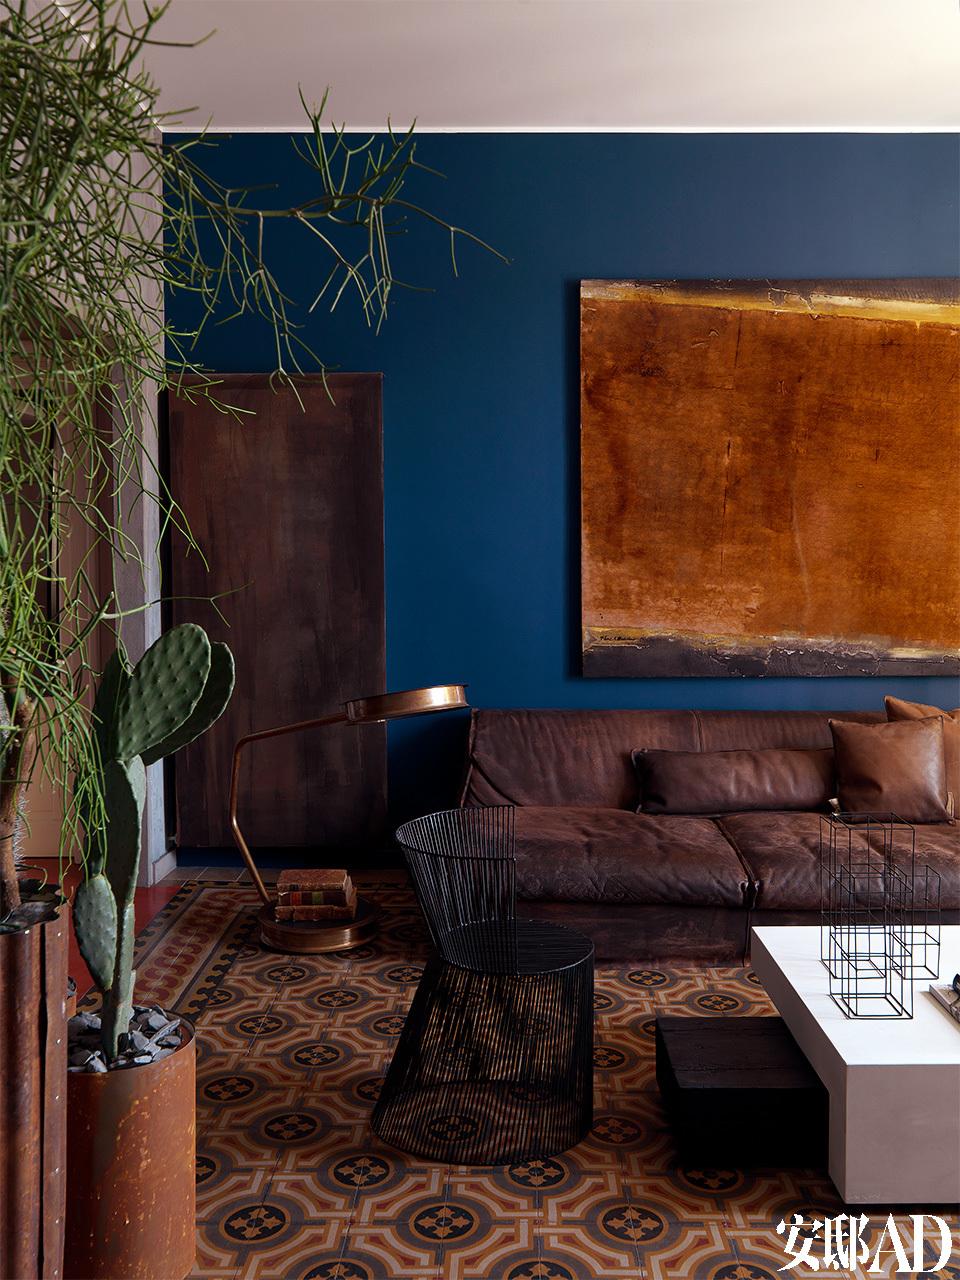 厅墙面上充斥着的丰盈色彩、悉心混搭过的新旧家具都和谐精妙地表达出Stefano对色彩、细节和造型风格的热爱。棕色皮质沙发是来自于Baxter的Housse Mono,墙面悬挂的巨幅油画是Aurel Basedow的作品。沙发前方的小茶几